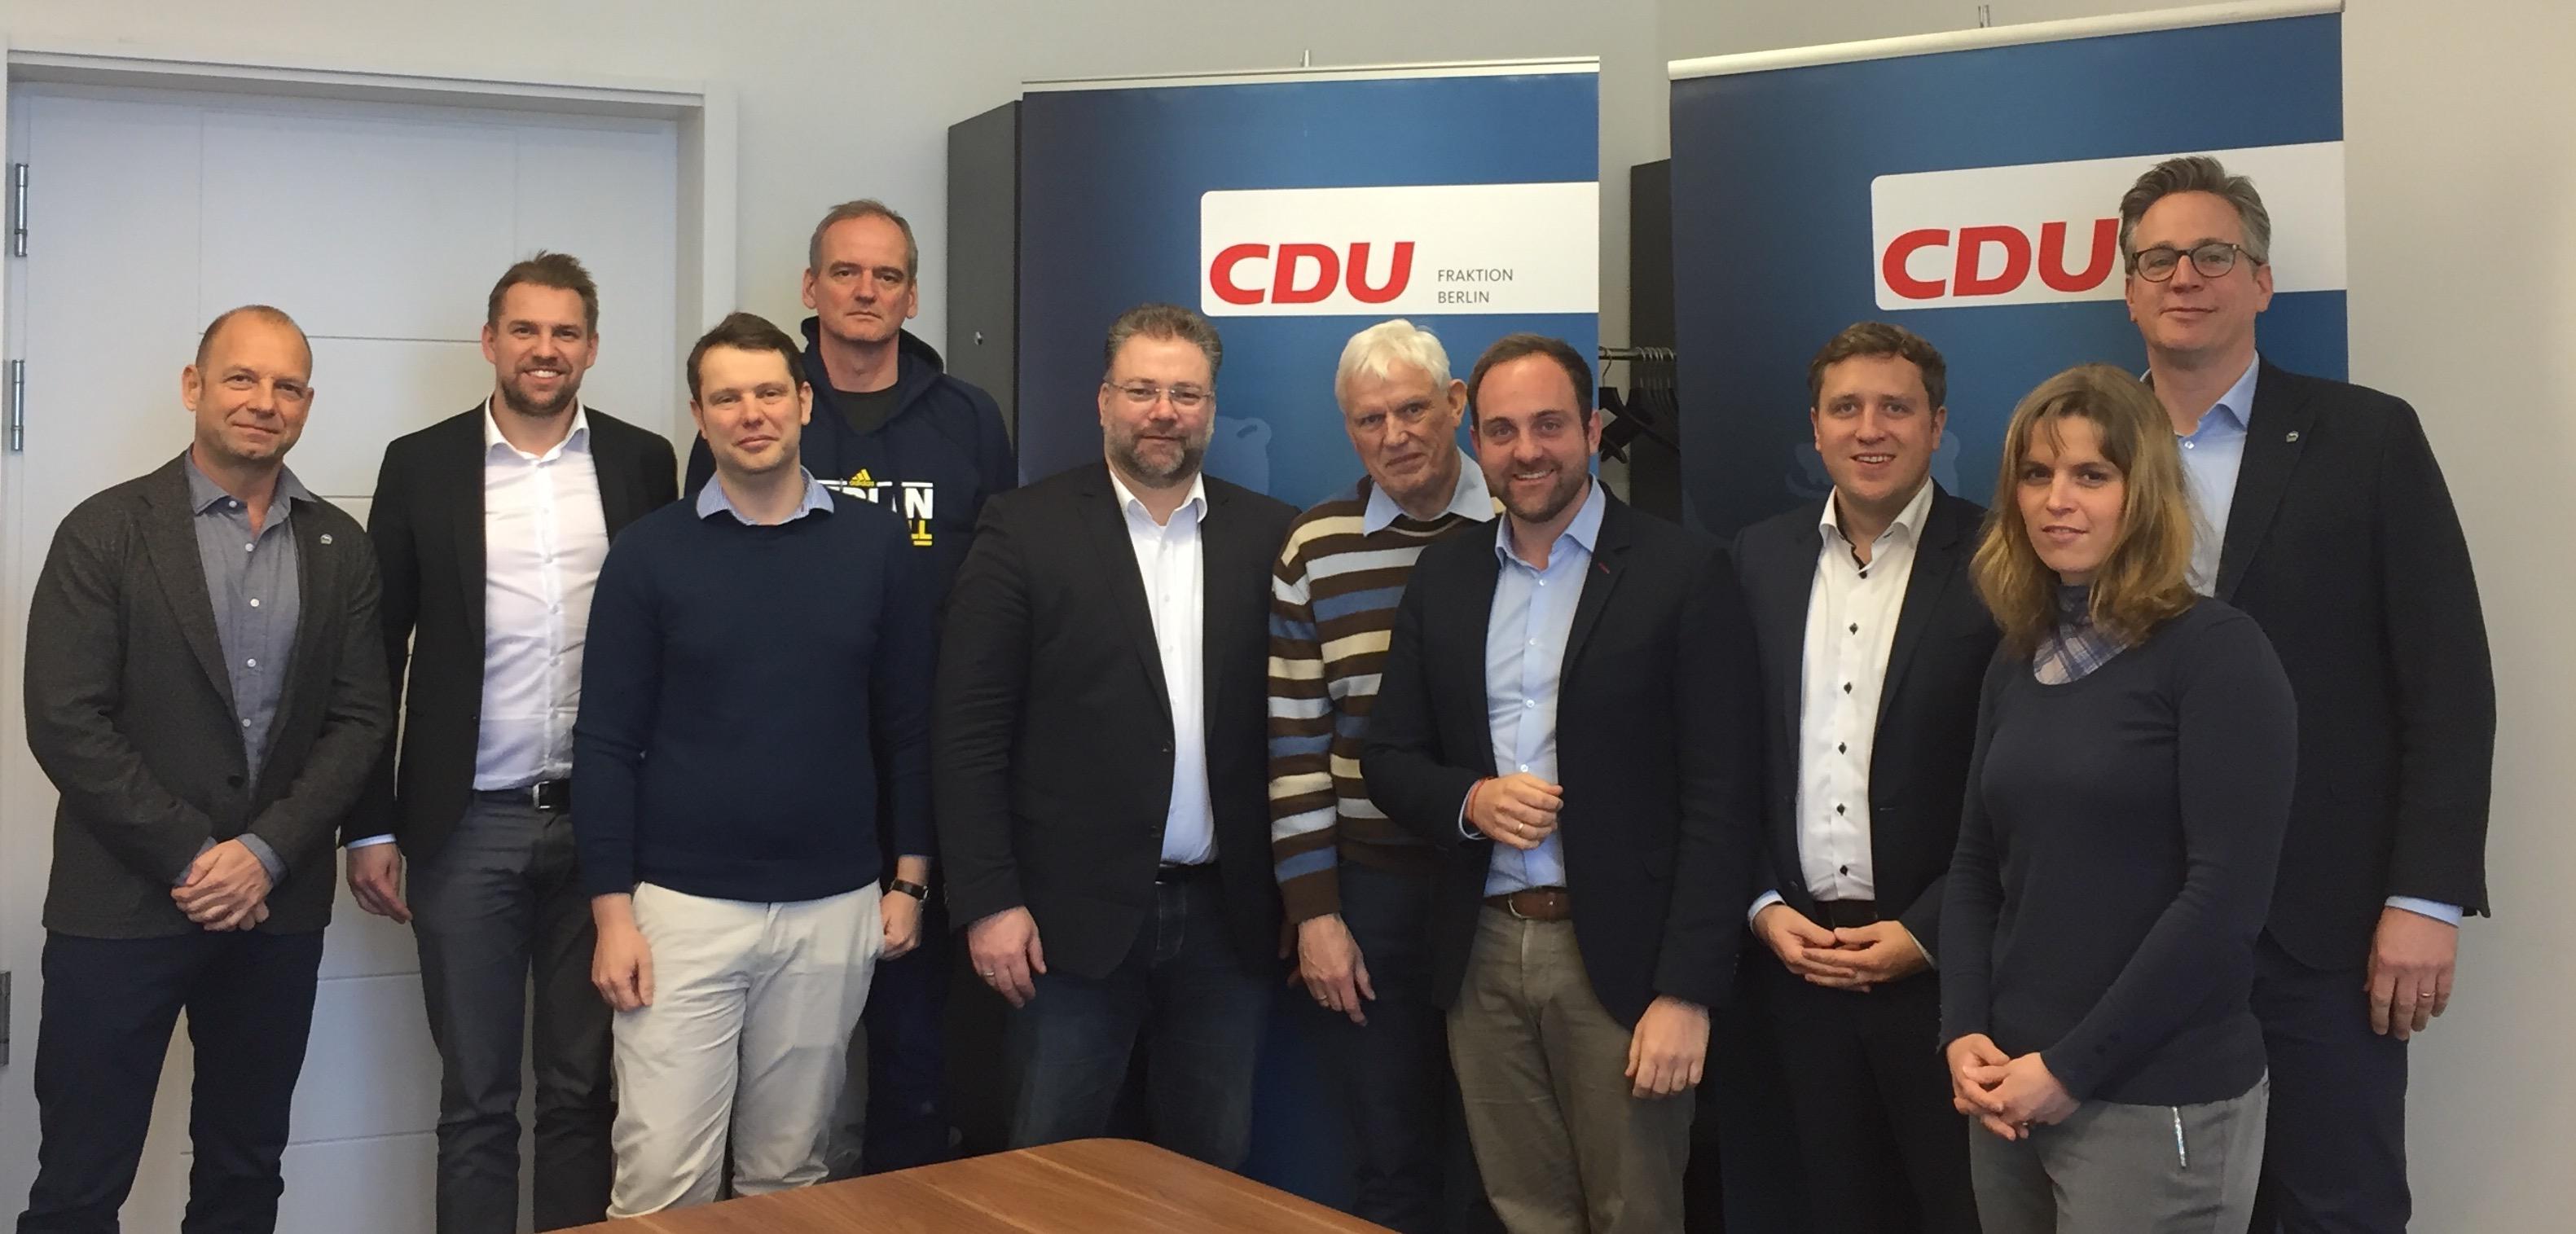 CDU-Fraktion Berlin - Ohne Breite keine Spitze, ohne Spitze keine Breite –  Austausch.